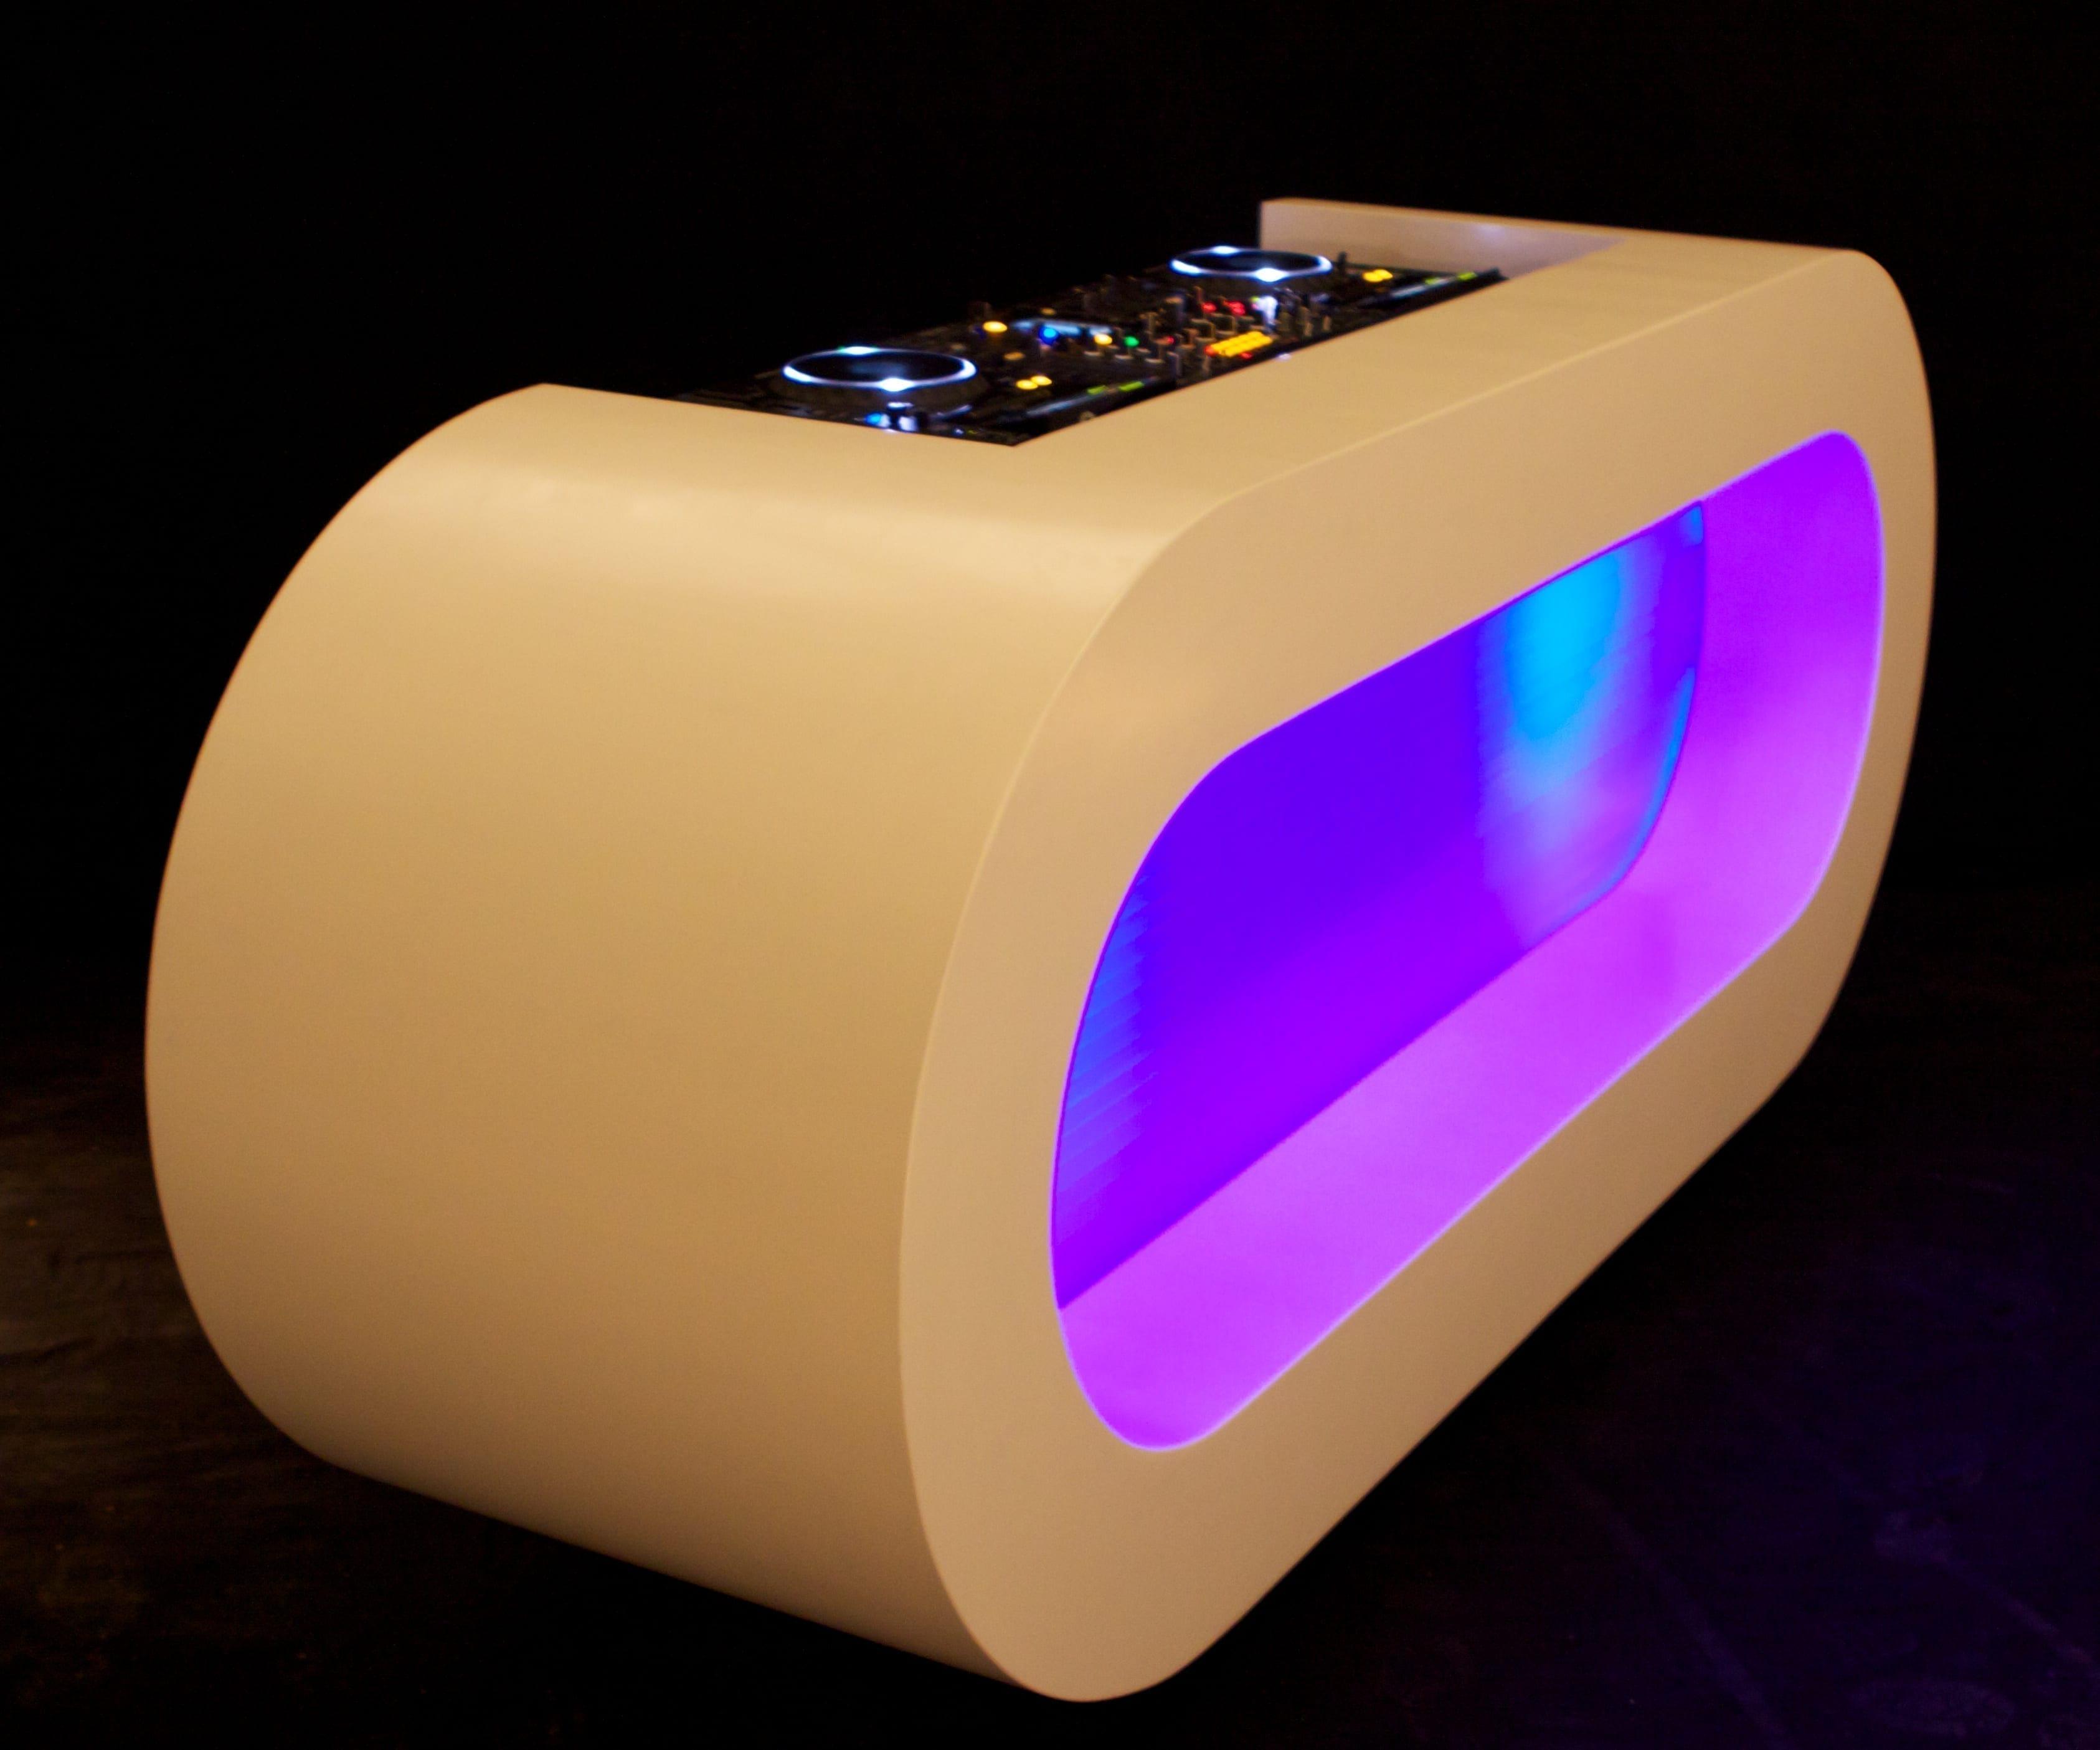 Dj Meubel Huren : Dj booth ovalen meubel silent disco huren boeken verhuur